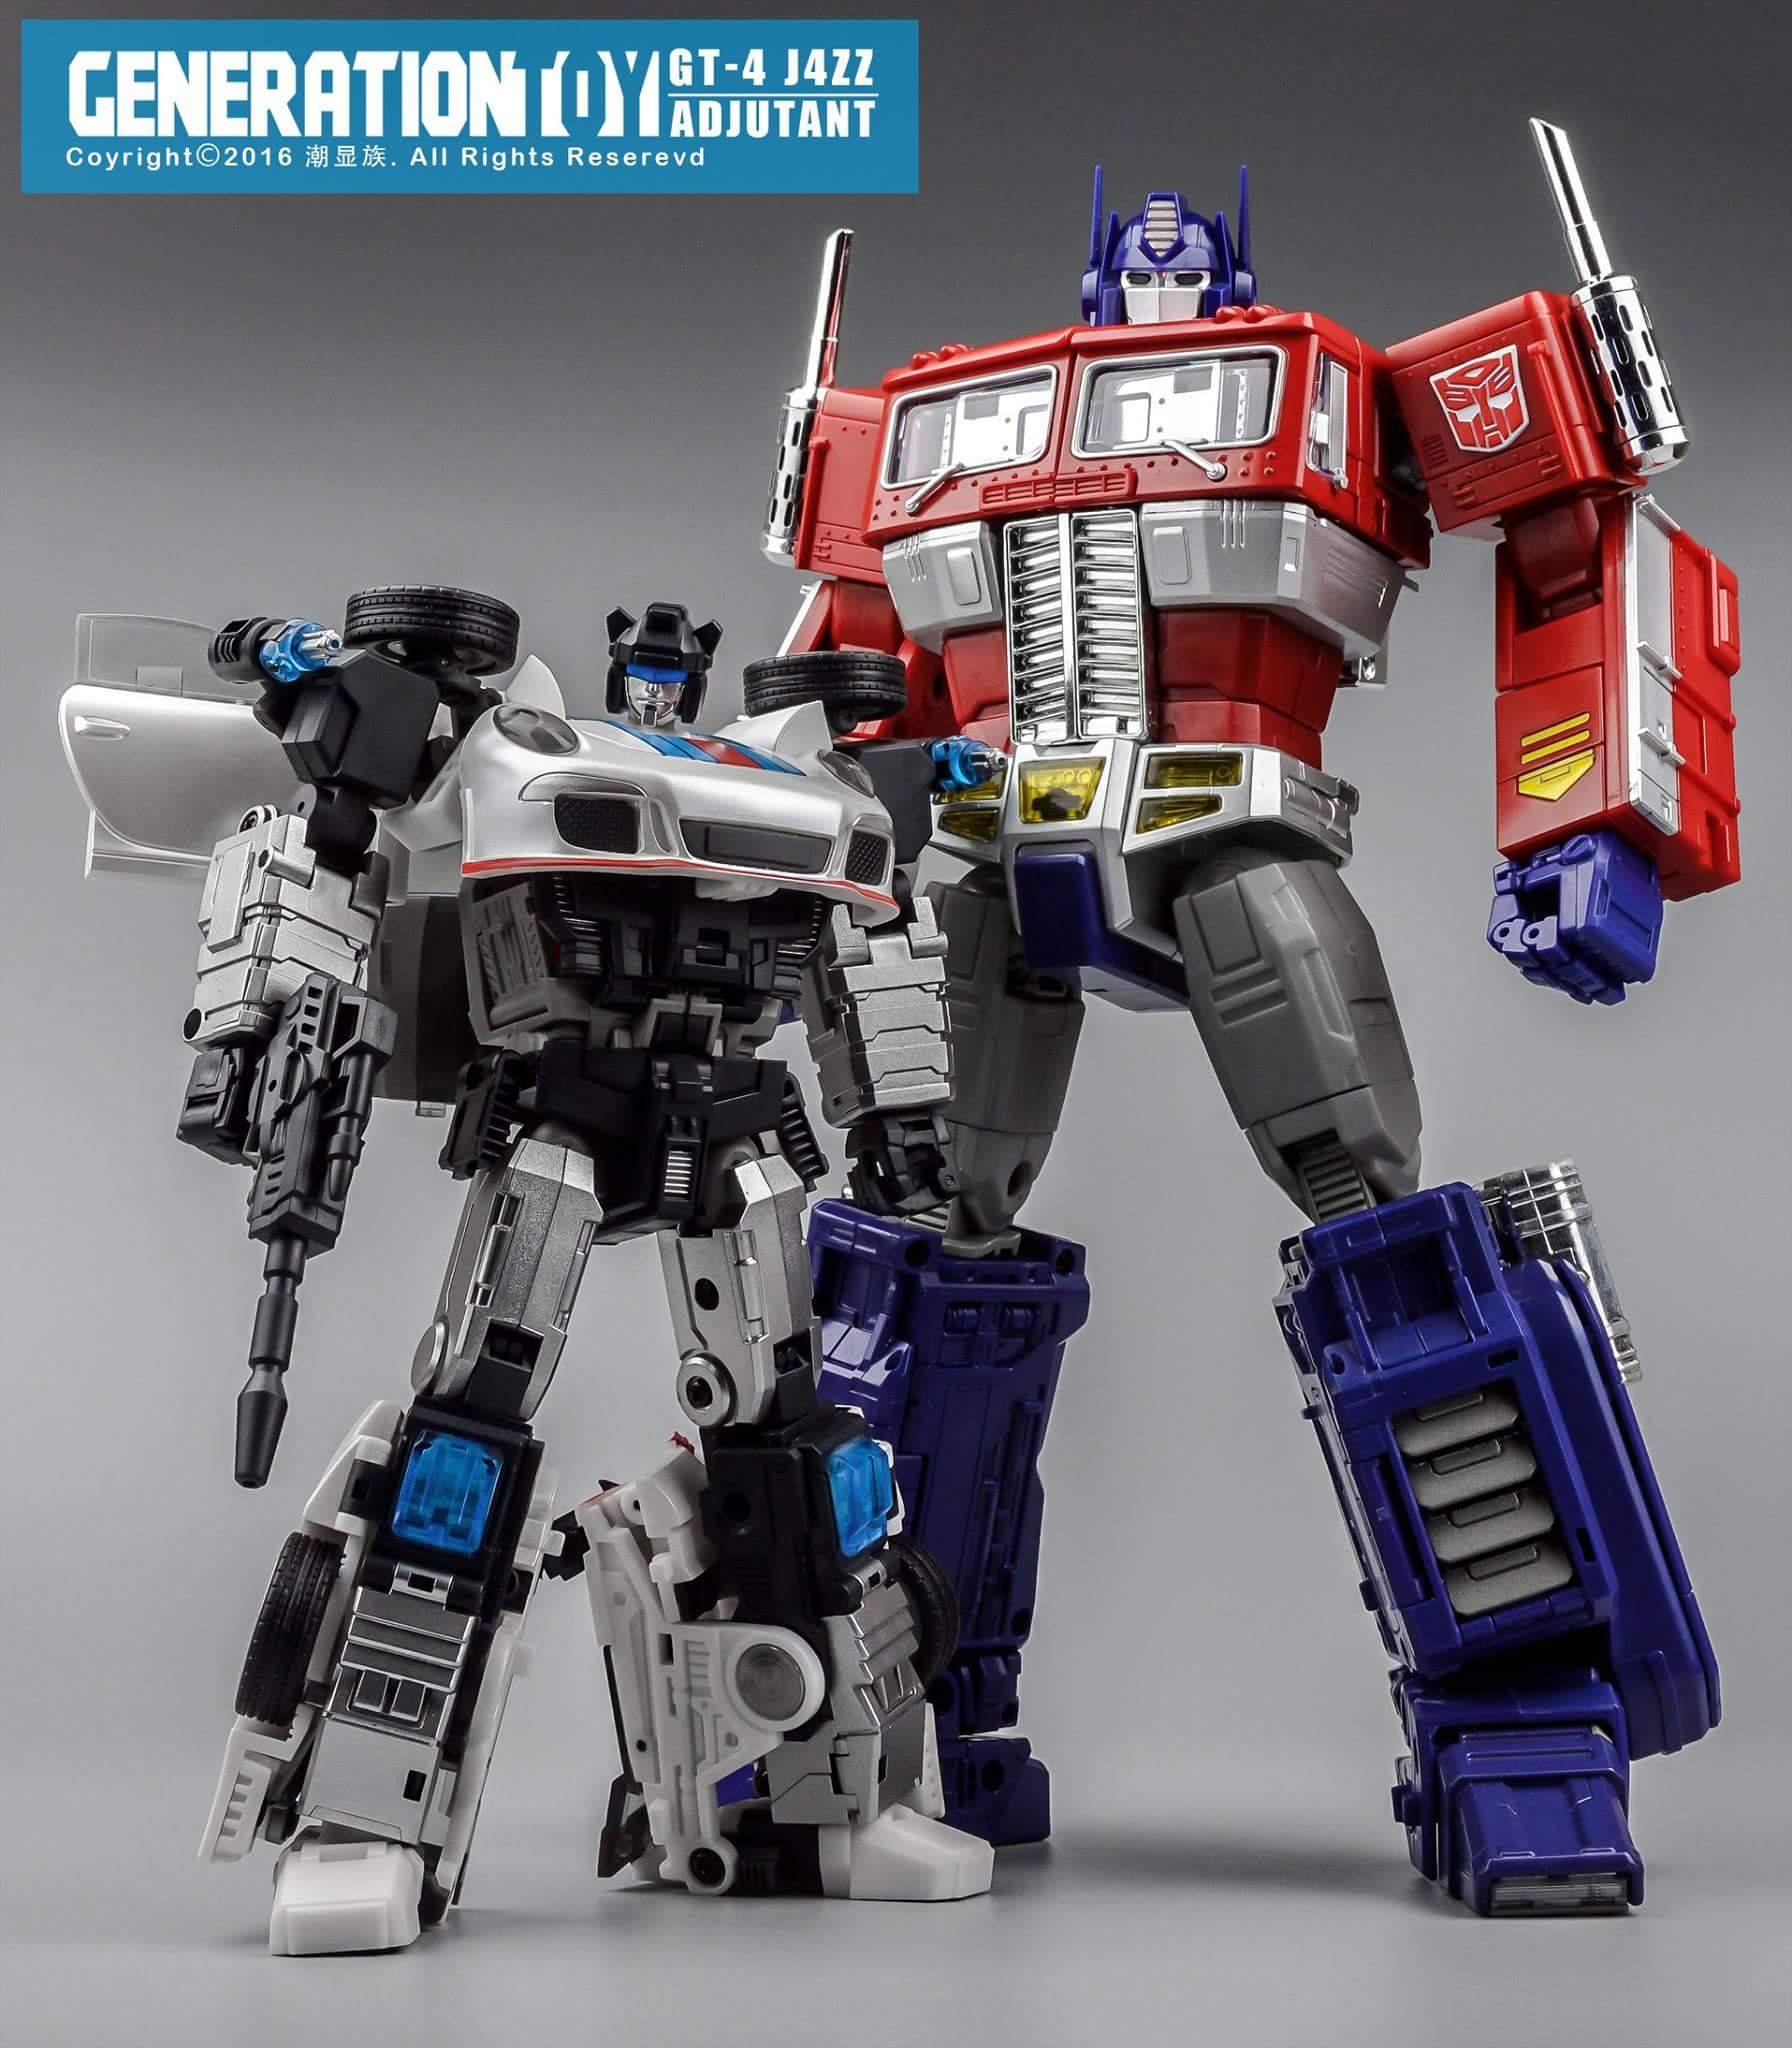 [Generation Toy] Produit Tiers - Jouets TF de la Gamme GT - des BD TF d'IDW Q0tIMIbN